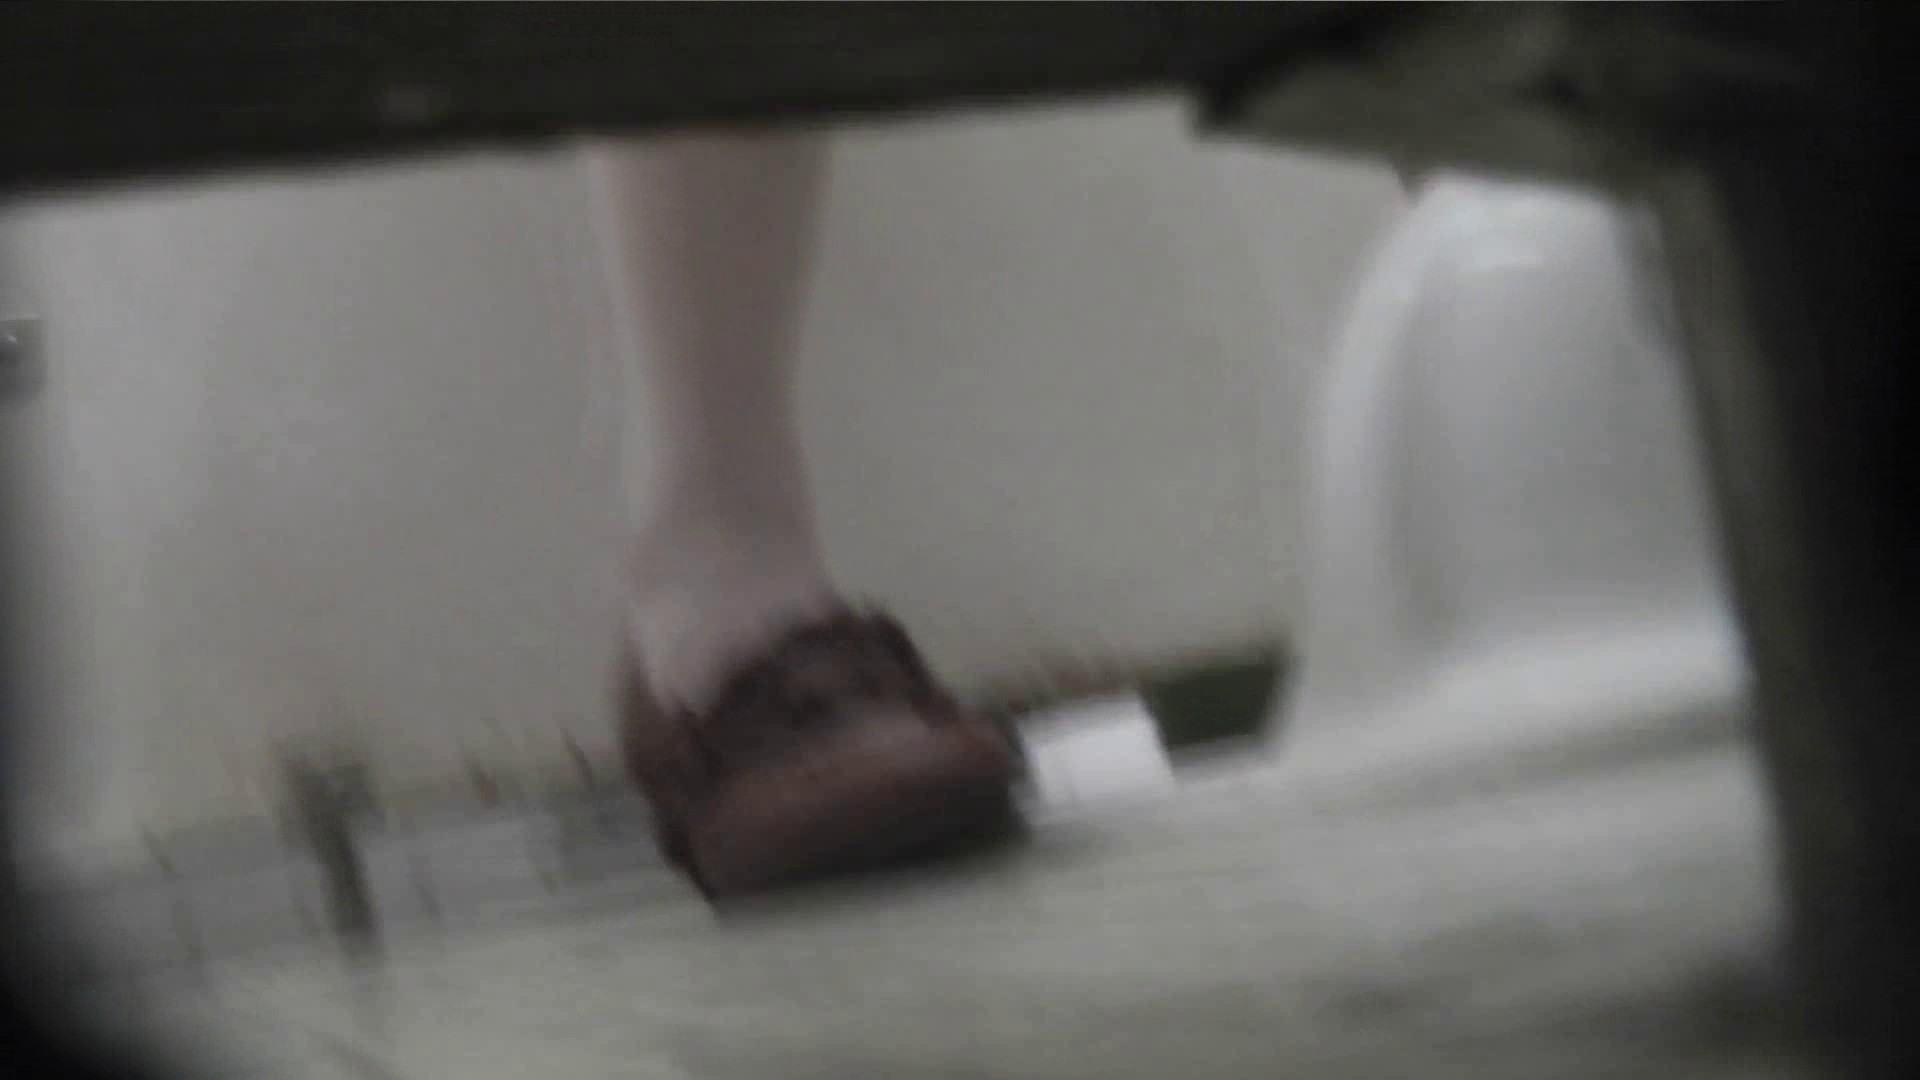 vol.62 命がけ潜伏洗面所! クパ~しながら放水してみた 丸見え SEX無修正画像 46画像 22